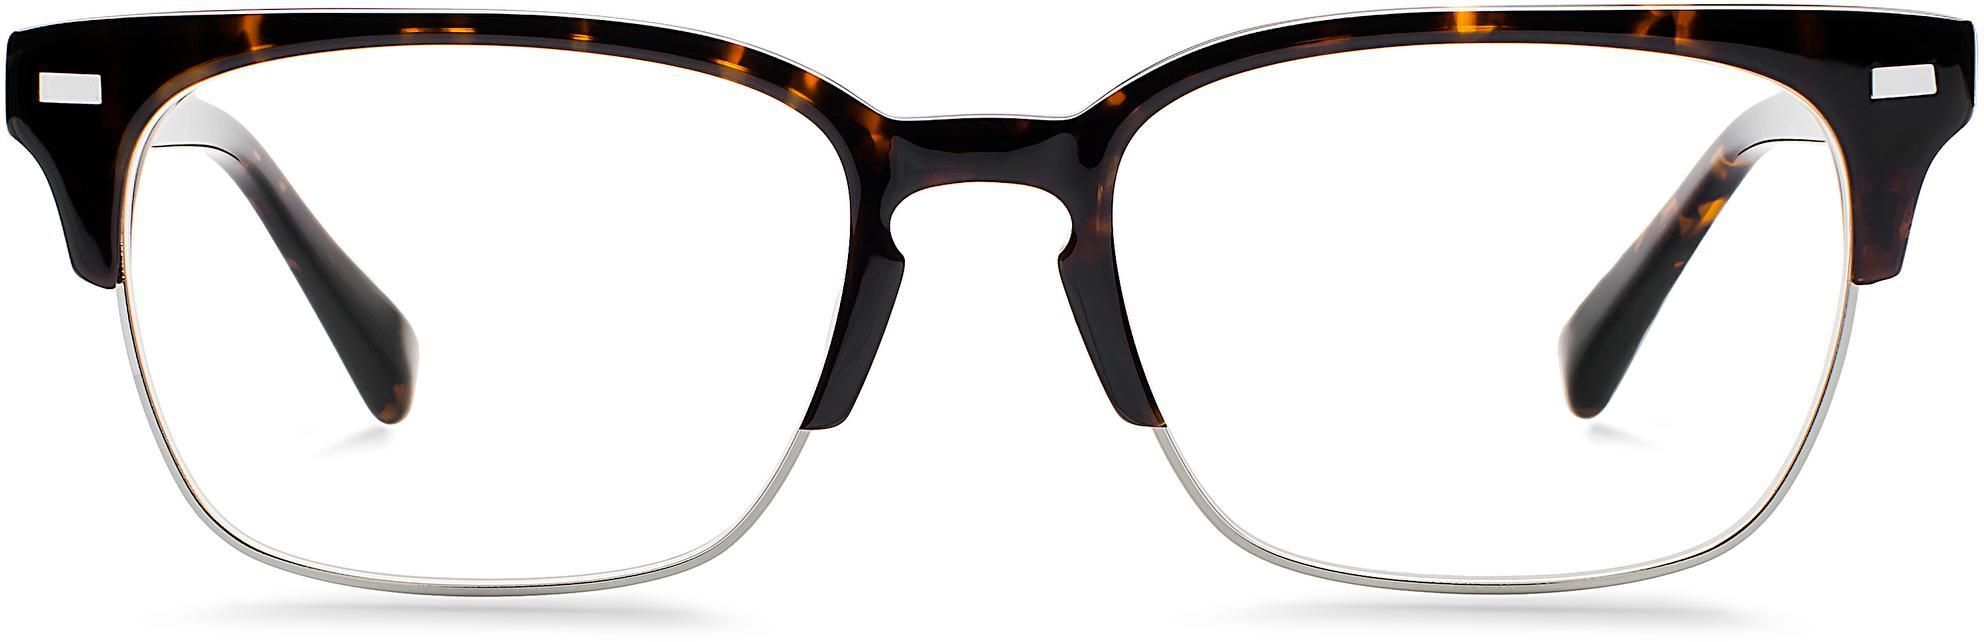 d4f13951d1 Women s Eyeglasses